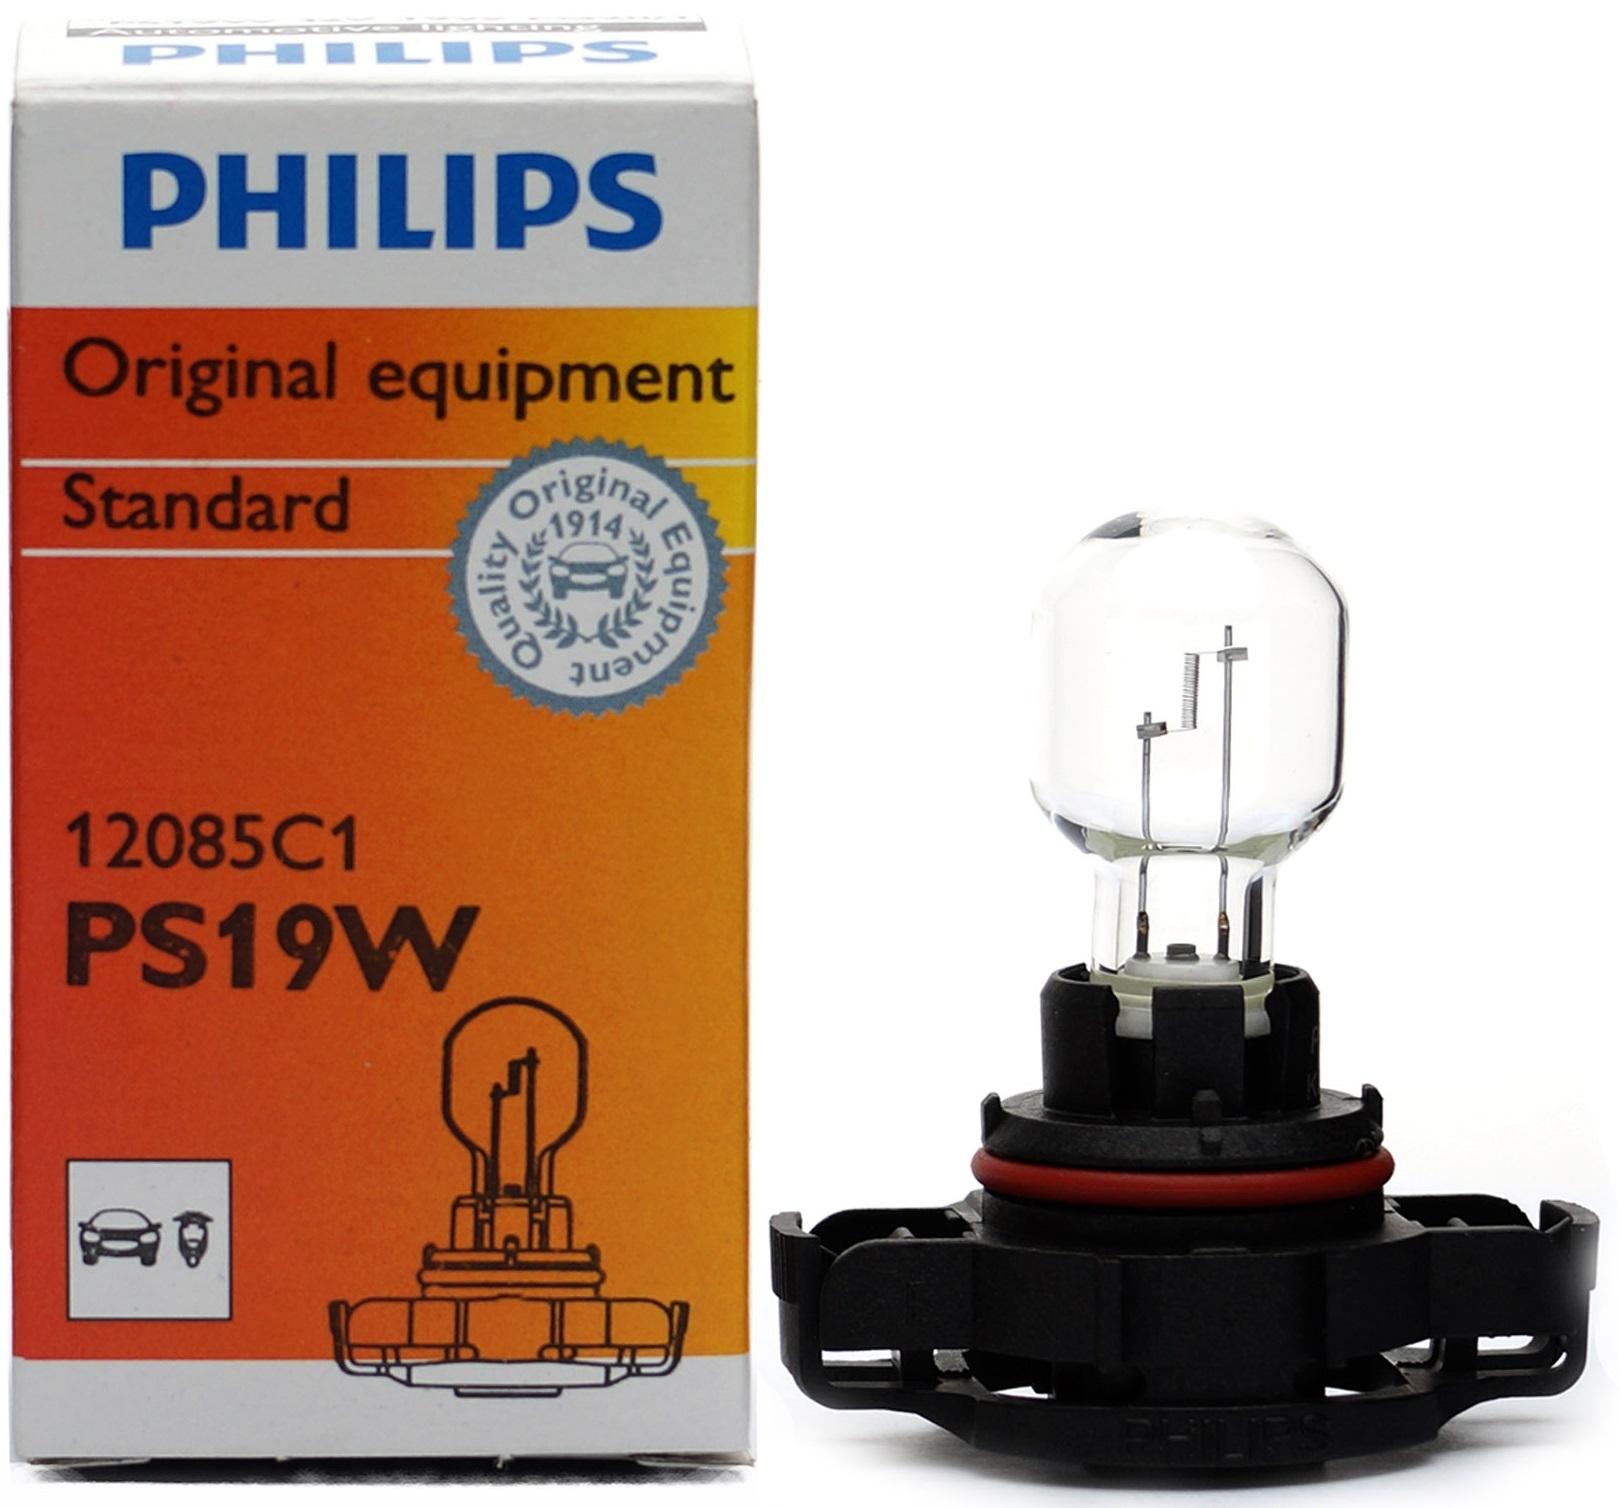 Лампа Philips Ps19w 12085 12v Philips арт. 12085 фото